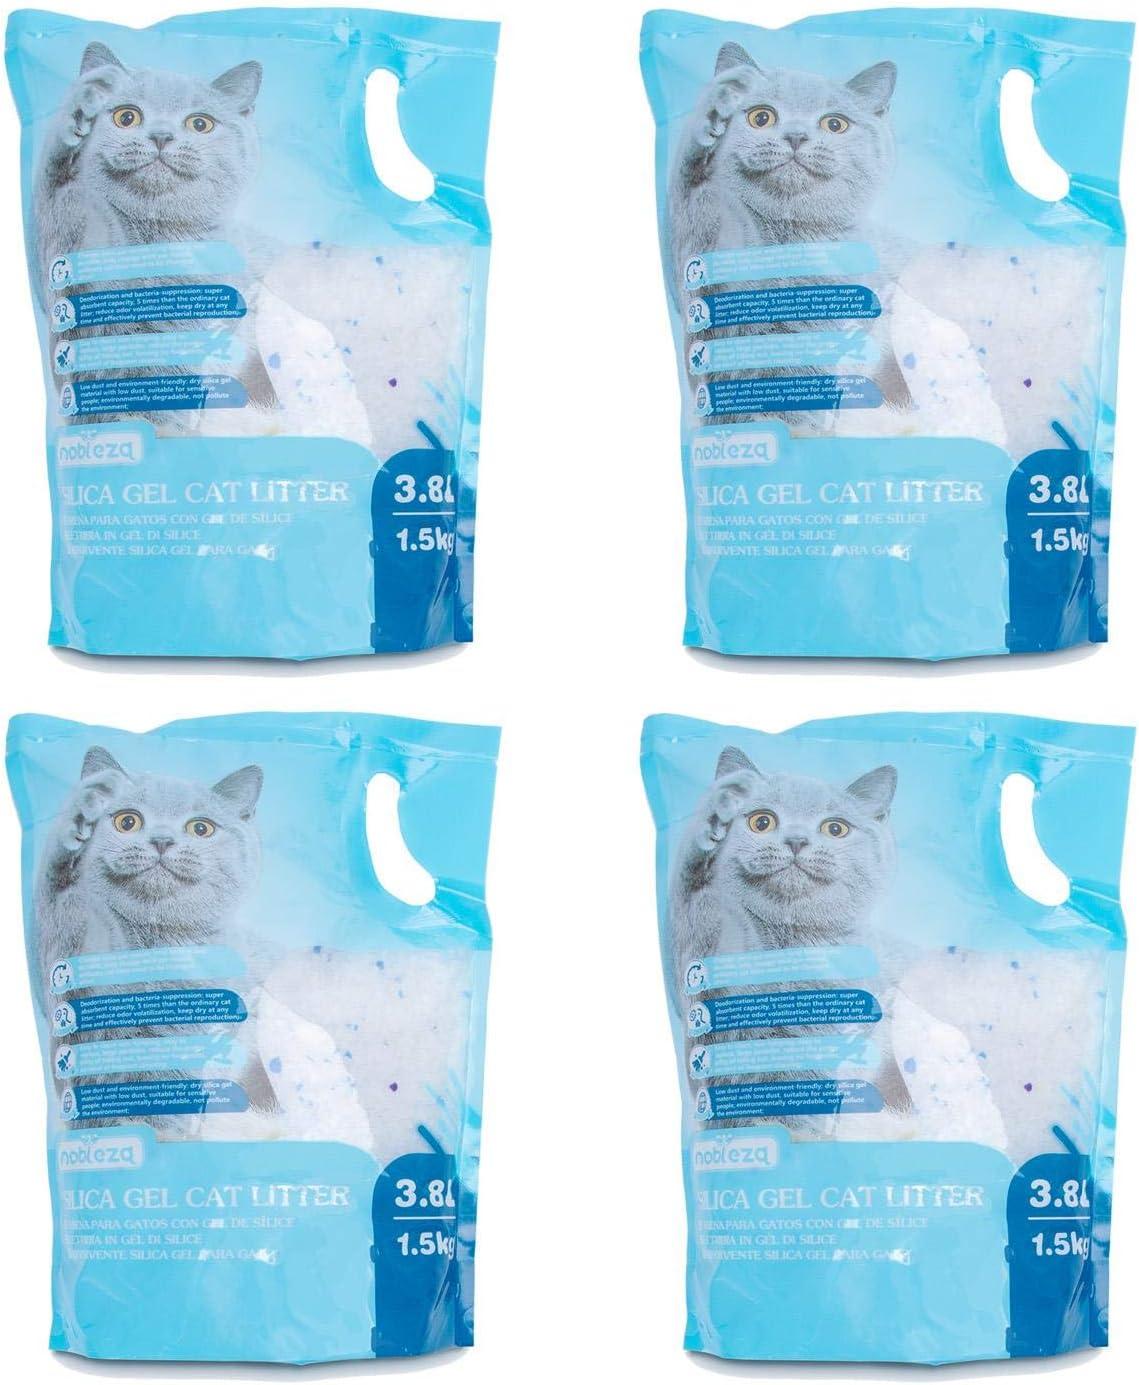 Nobleza - 4 x 3.8L Arena para Gatos de sílice Camada para Gatitos de Gel de Diamante Absorbente, Cómodo Biodegradable